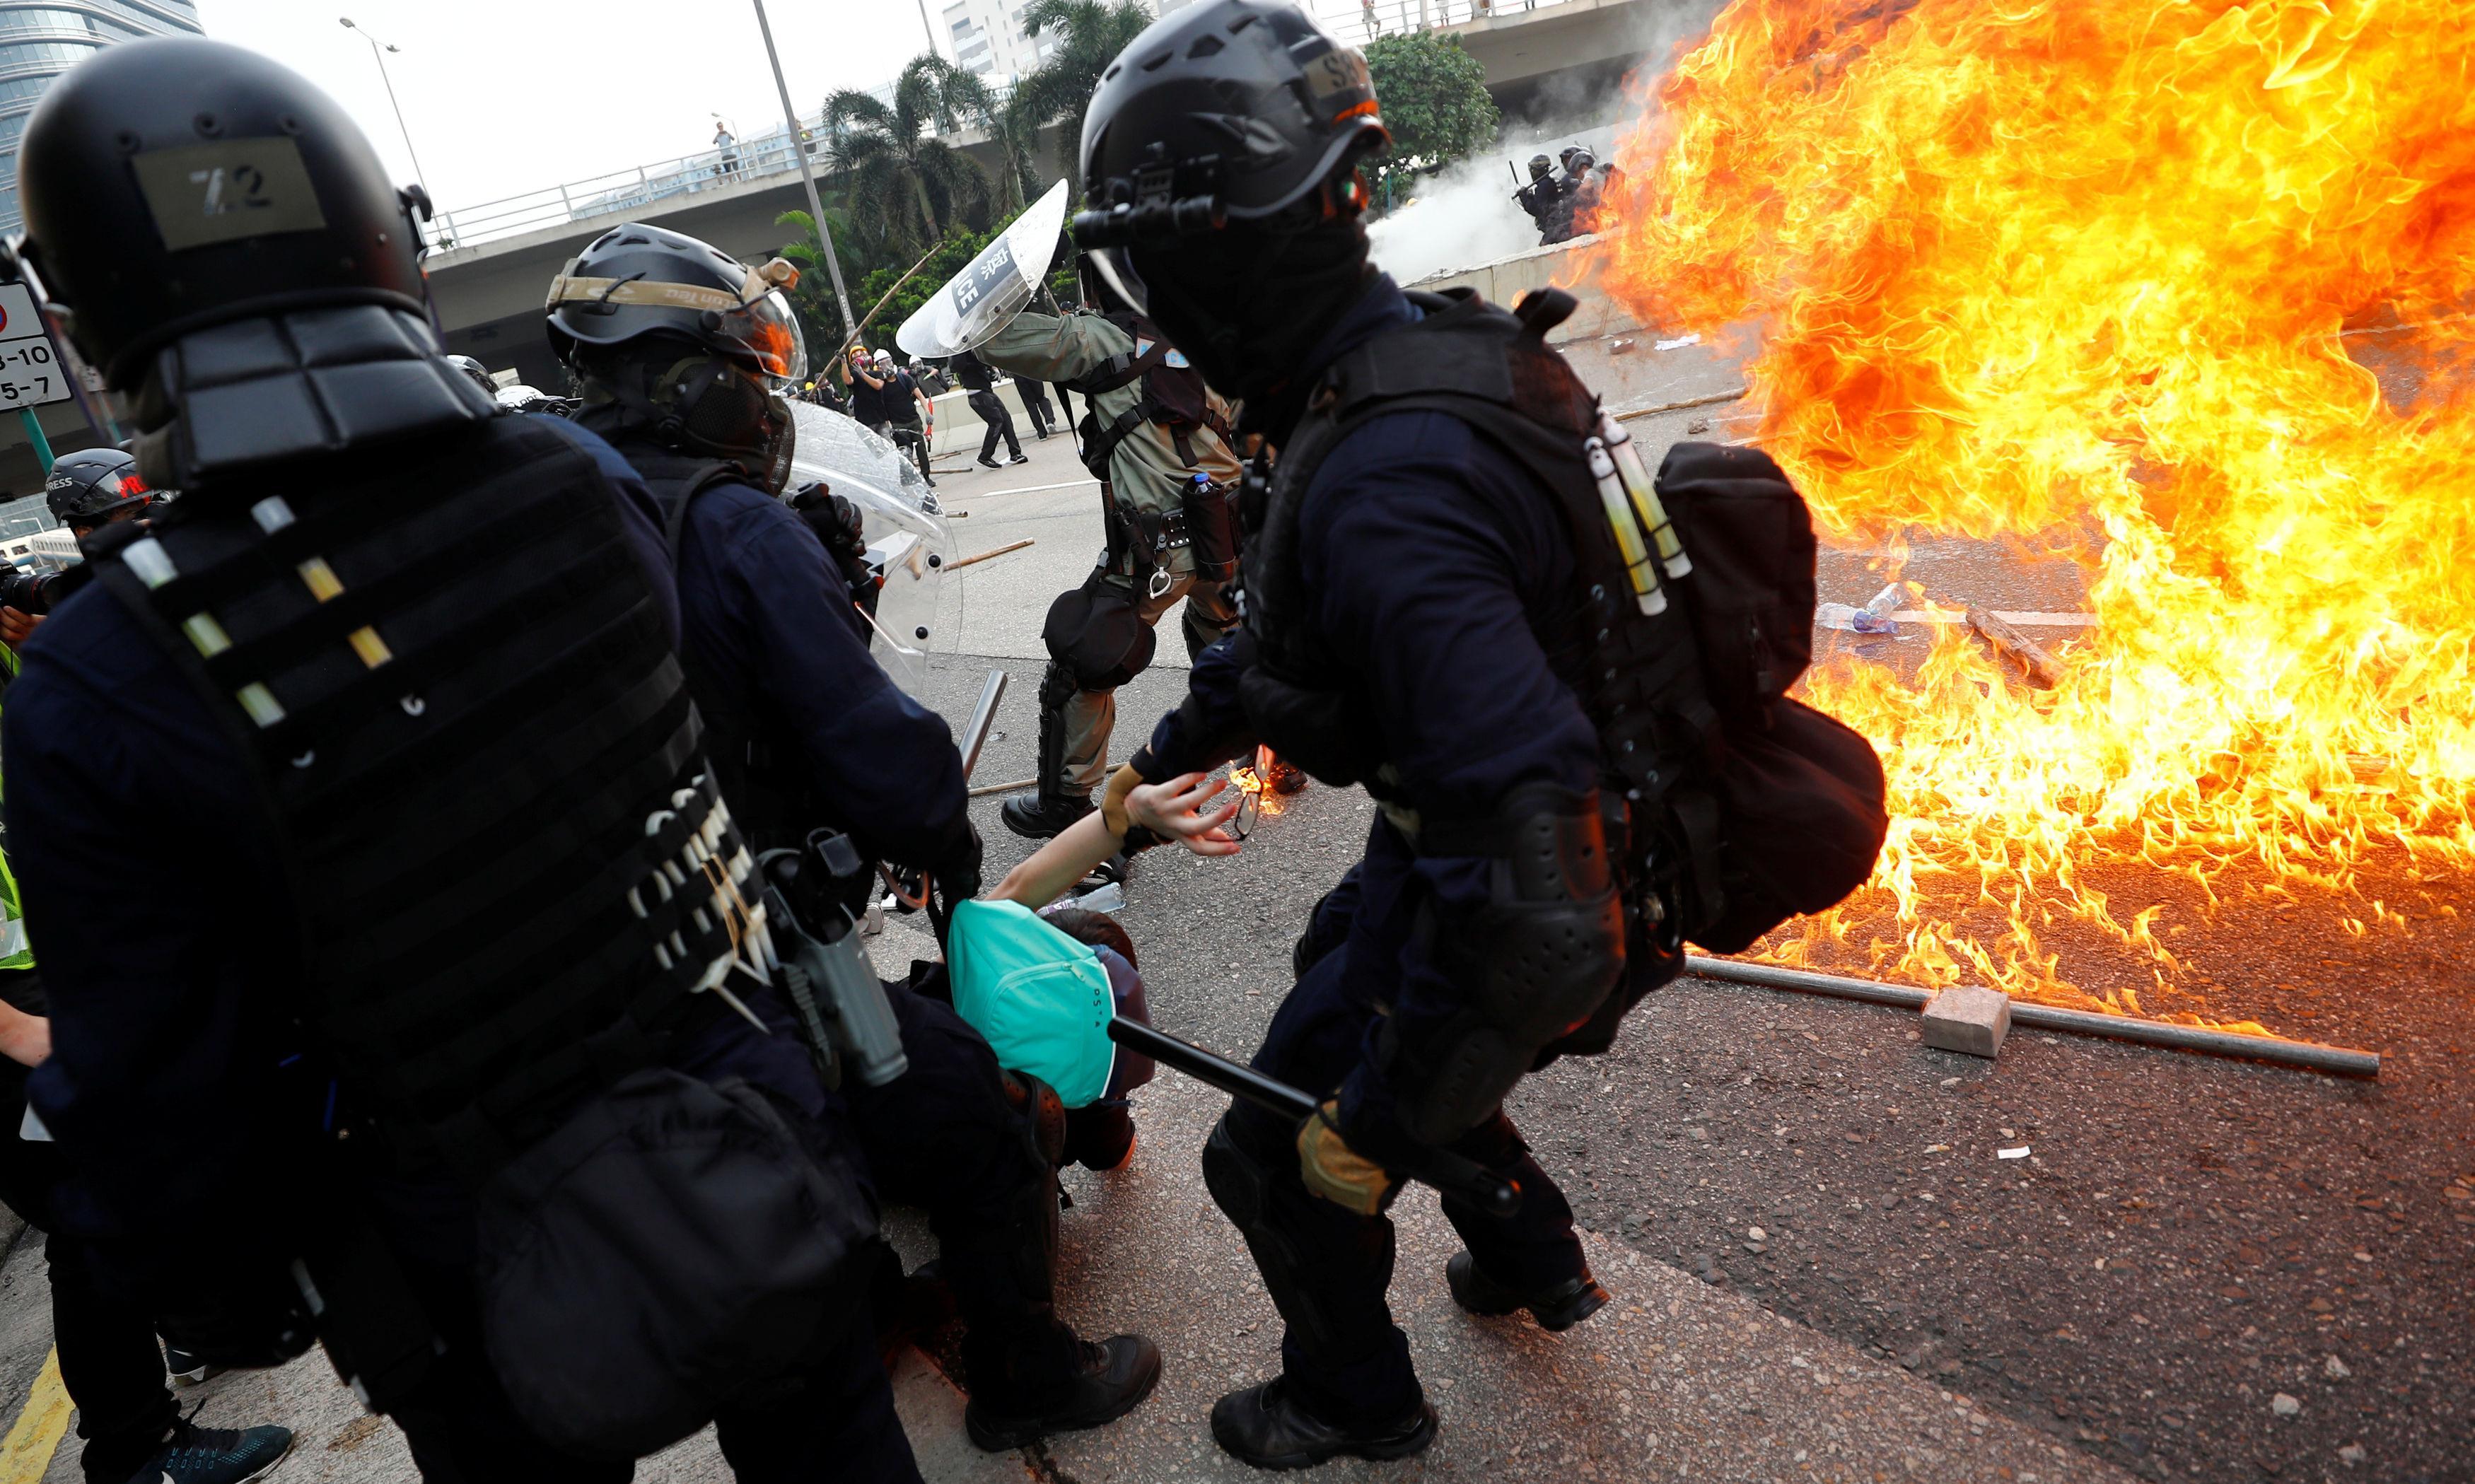 Hong Kong riot police beat protesters at anti-surveillance rally